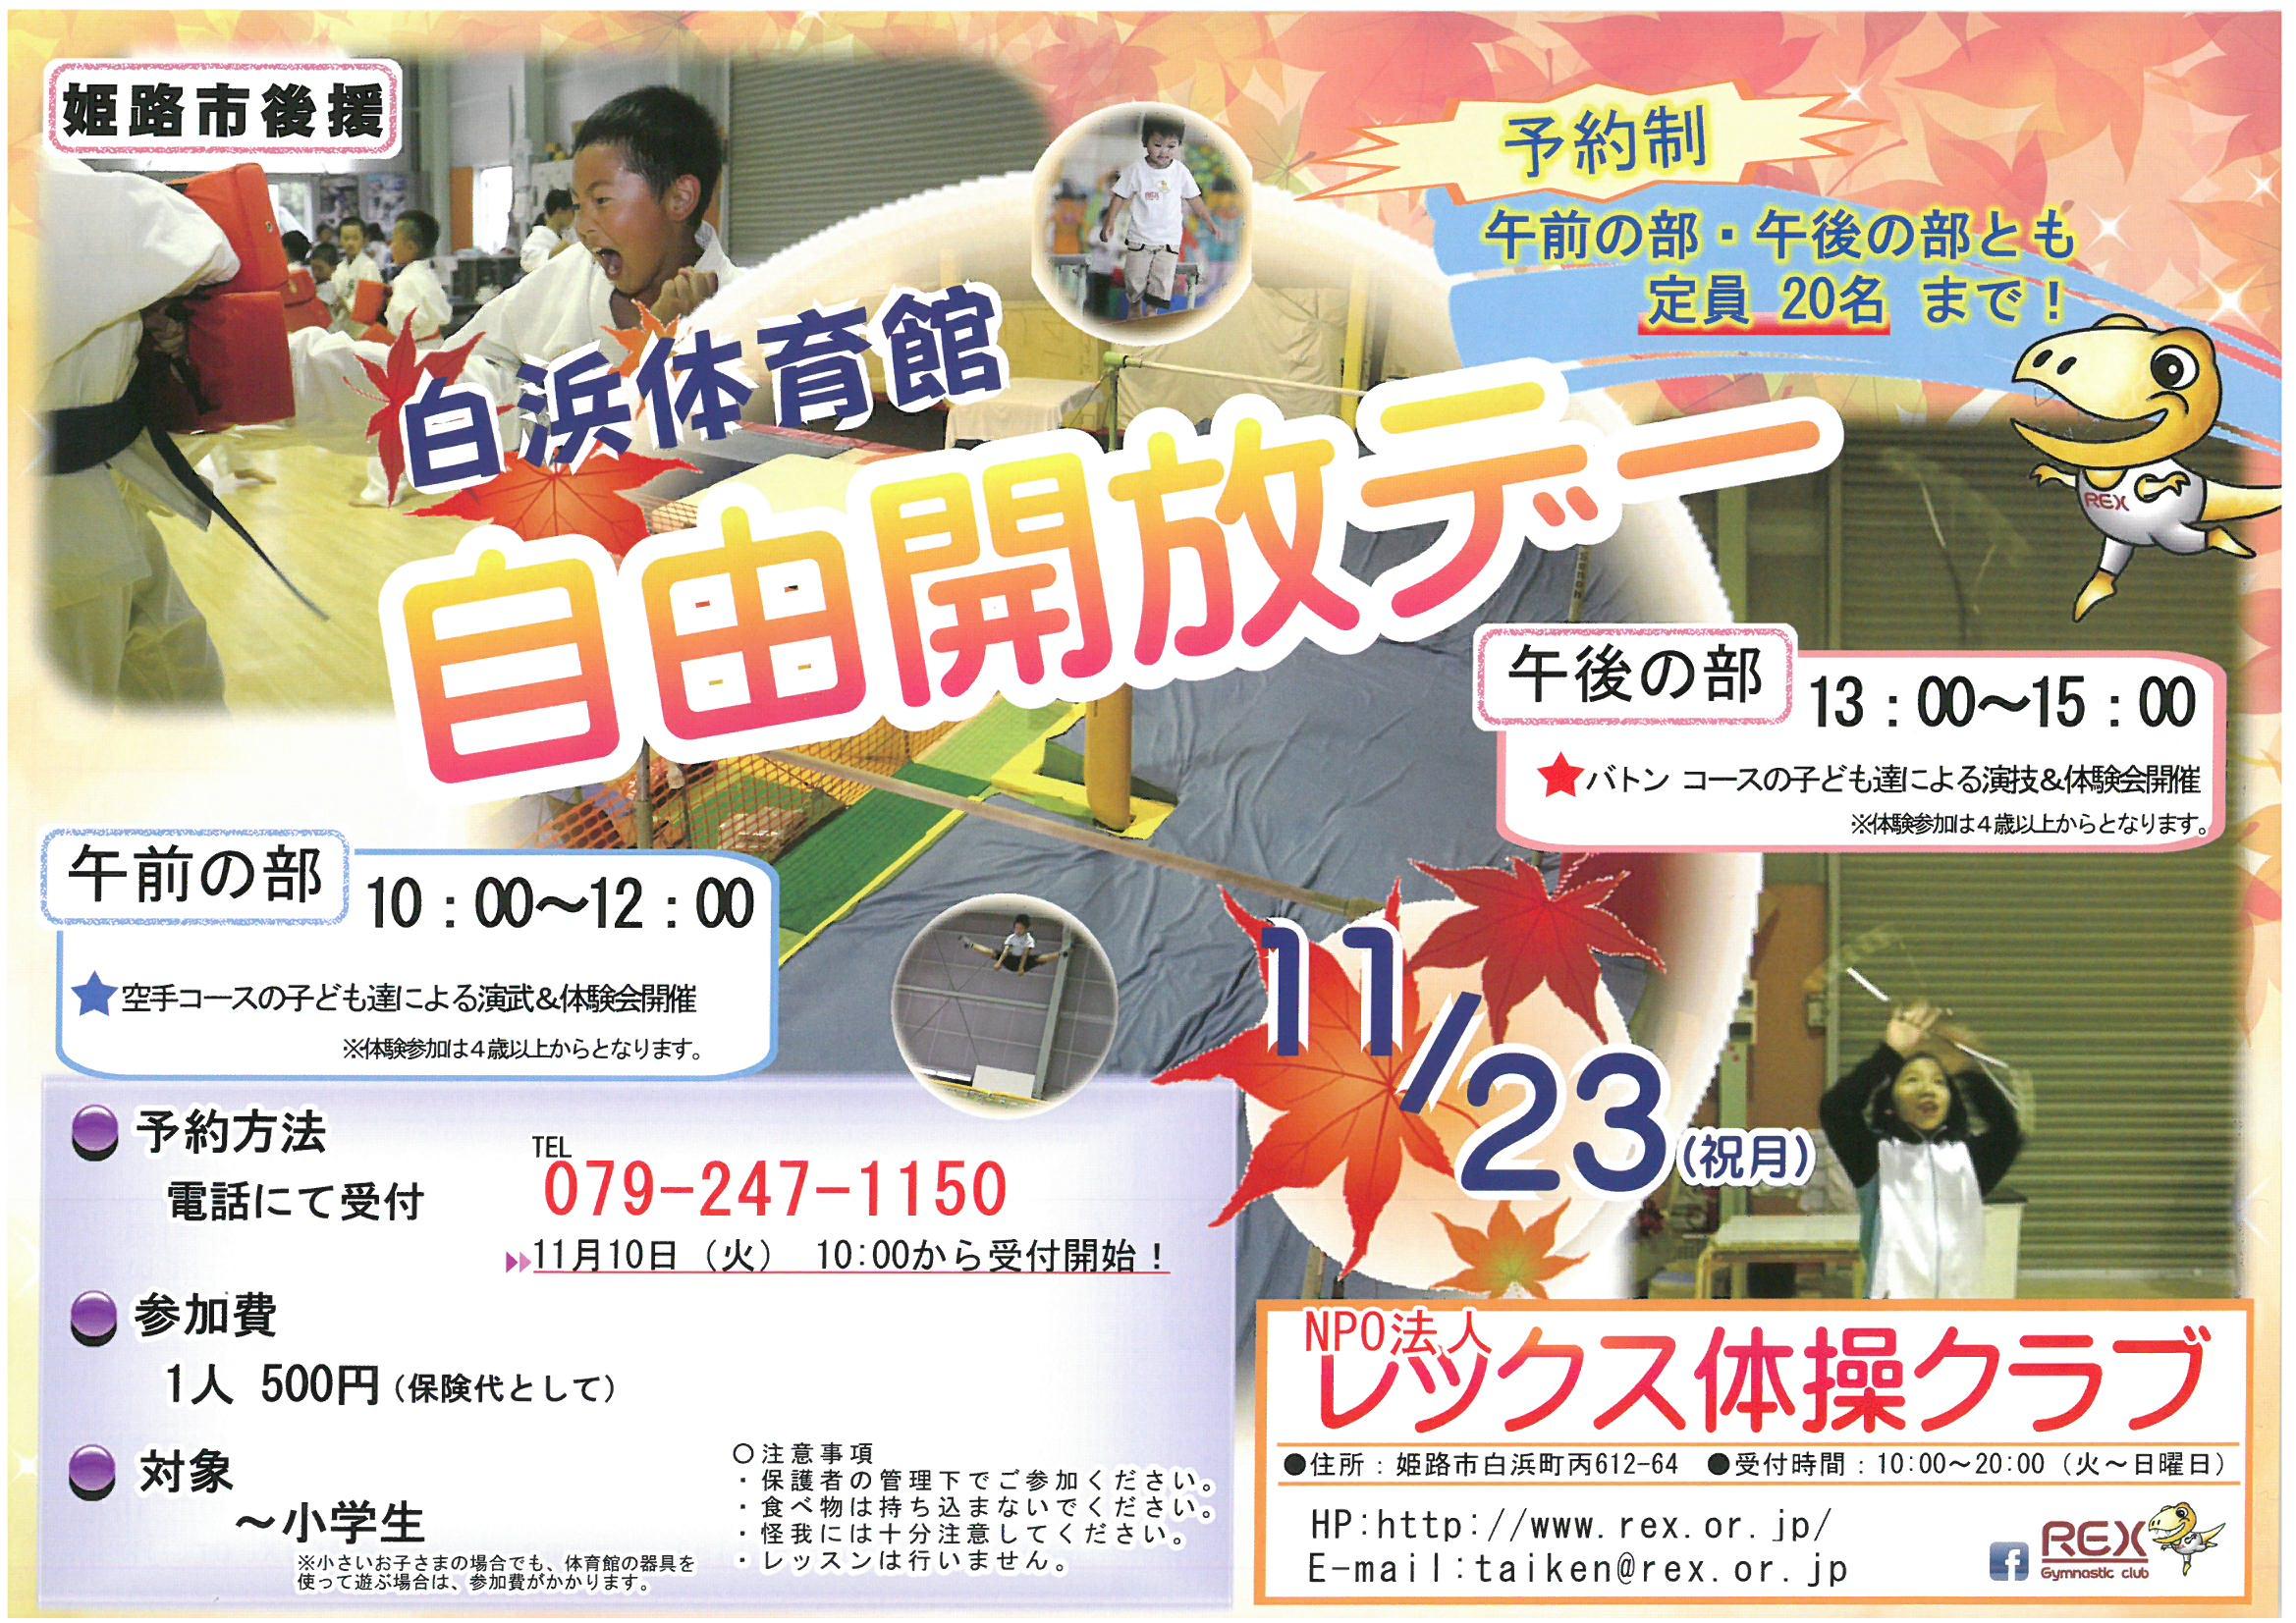 SKM_C224e20110420200_0001